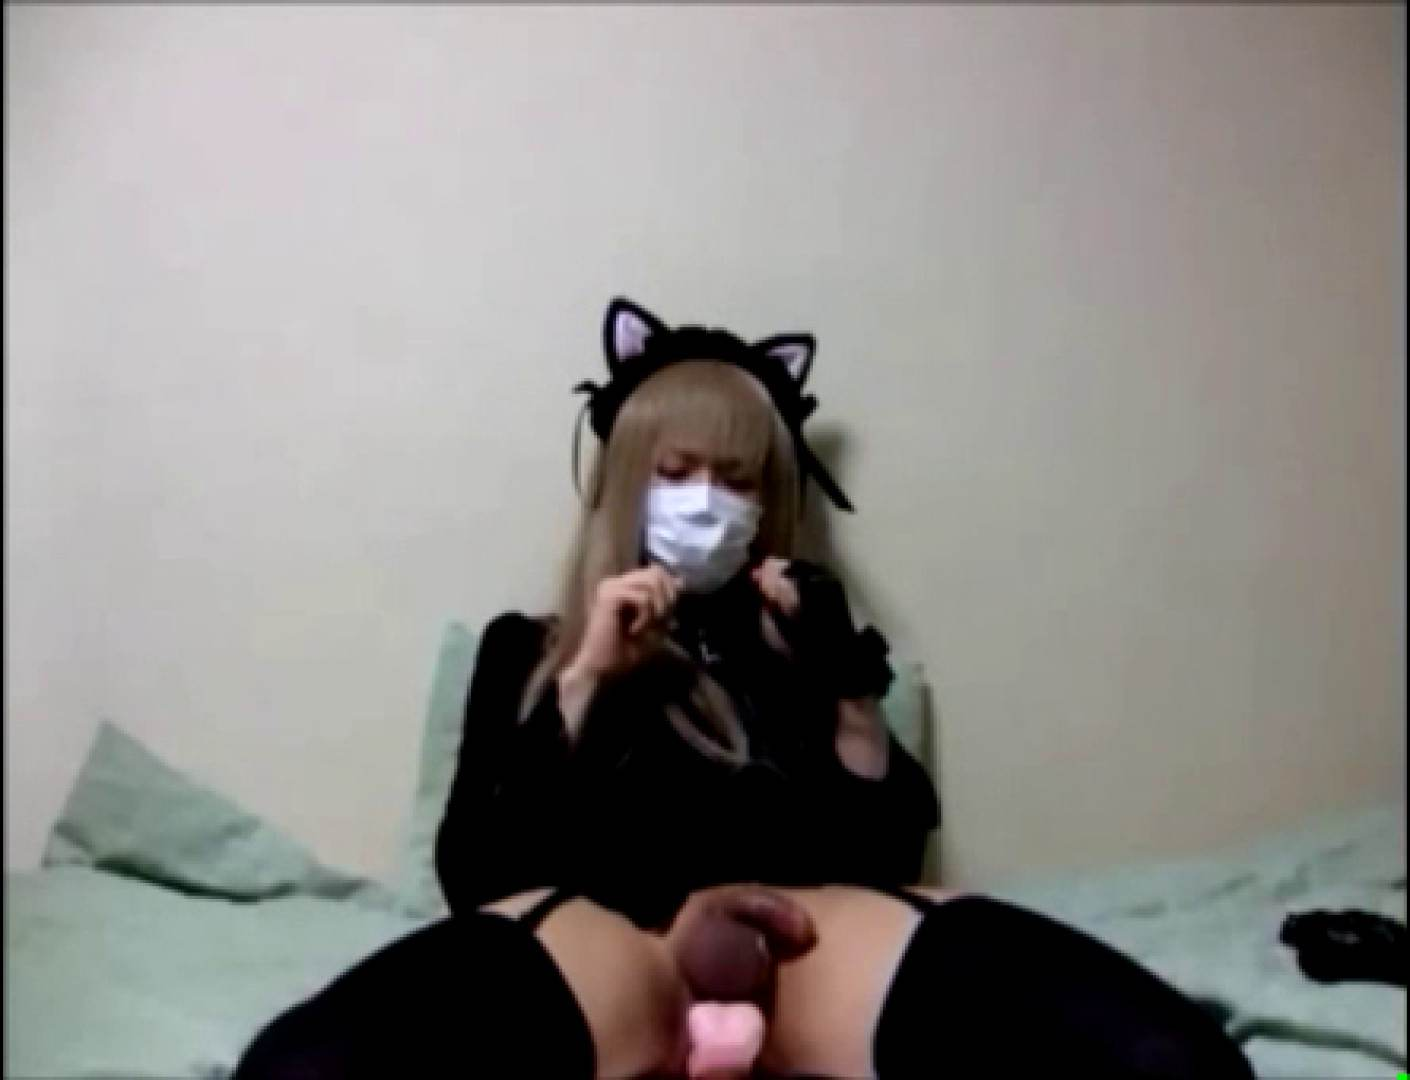 男のKOスプレー!Vol.12 覗き見 | イケメンパラダイス 男同士動画 105pic 19